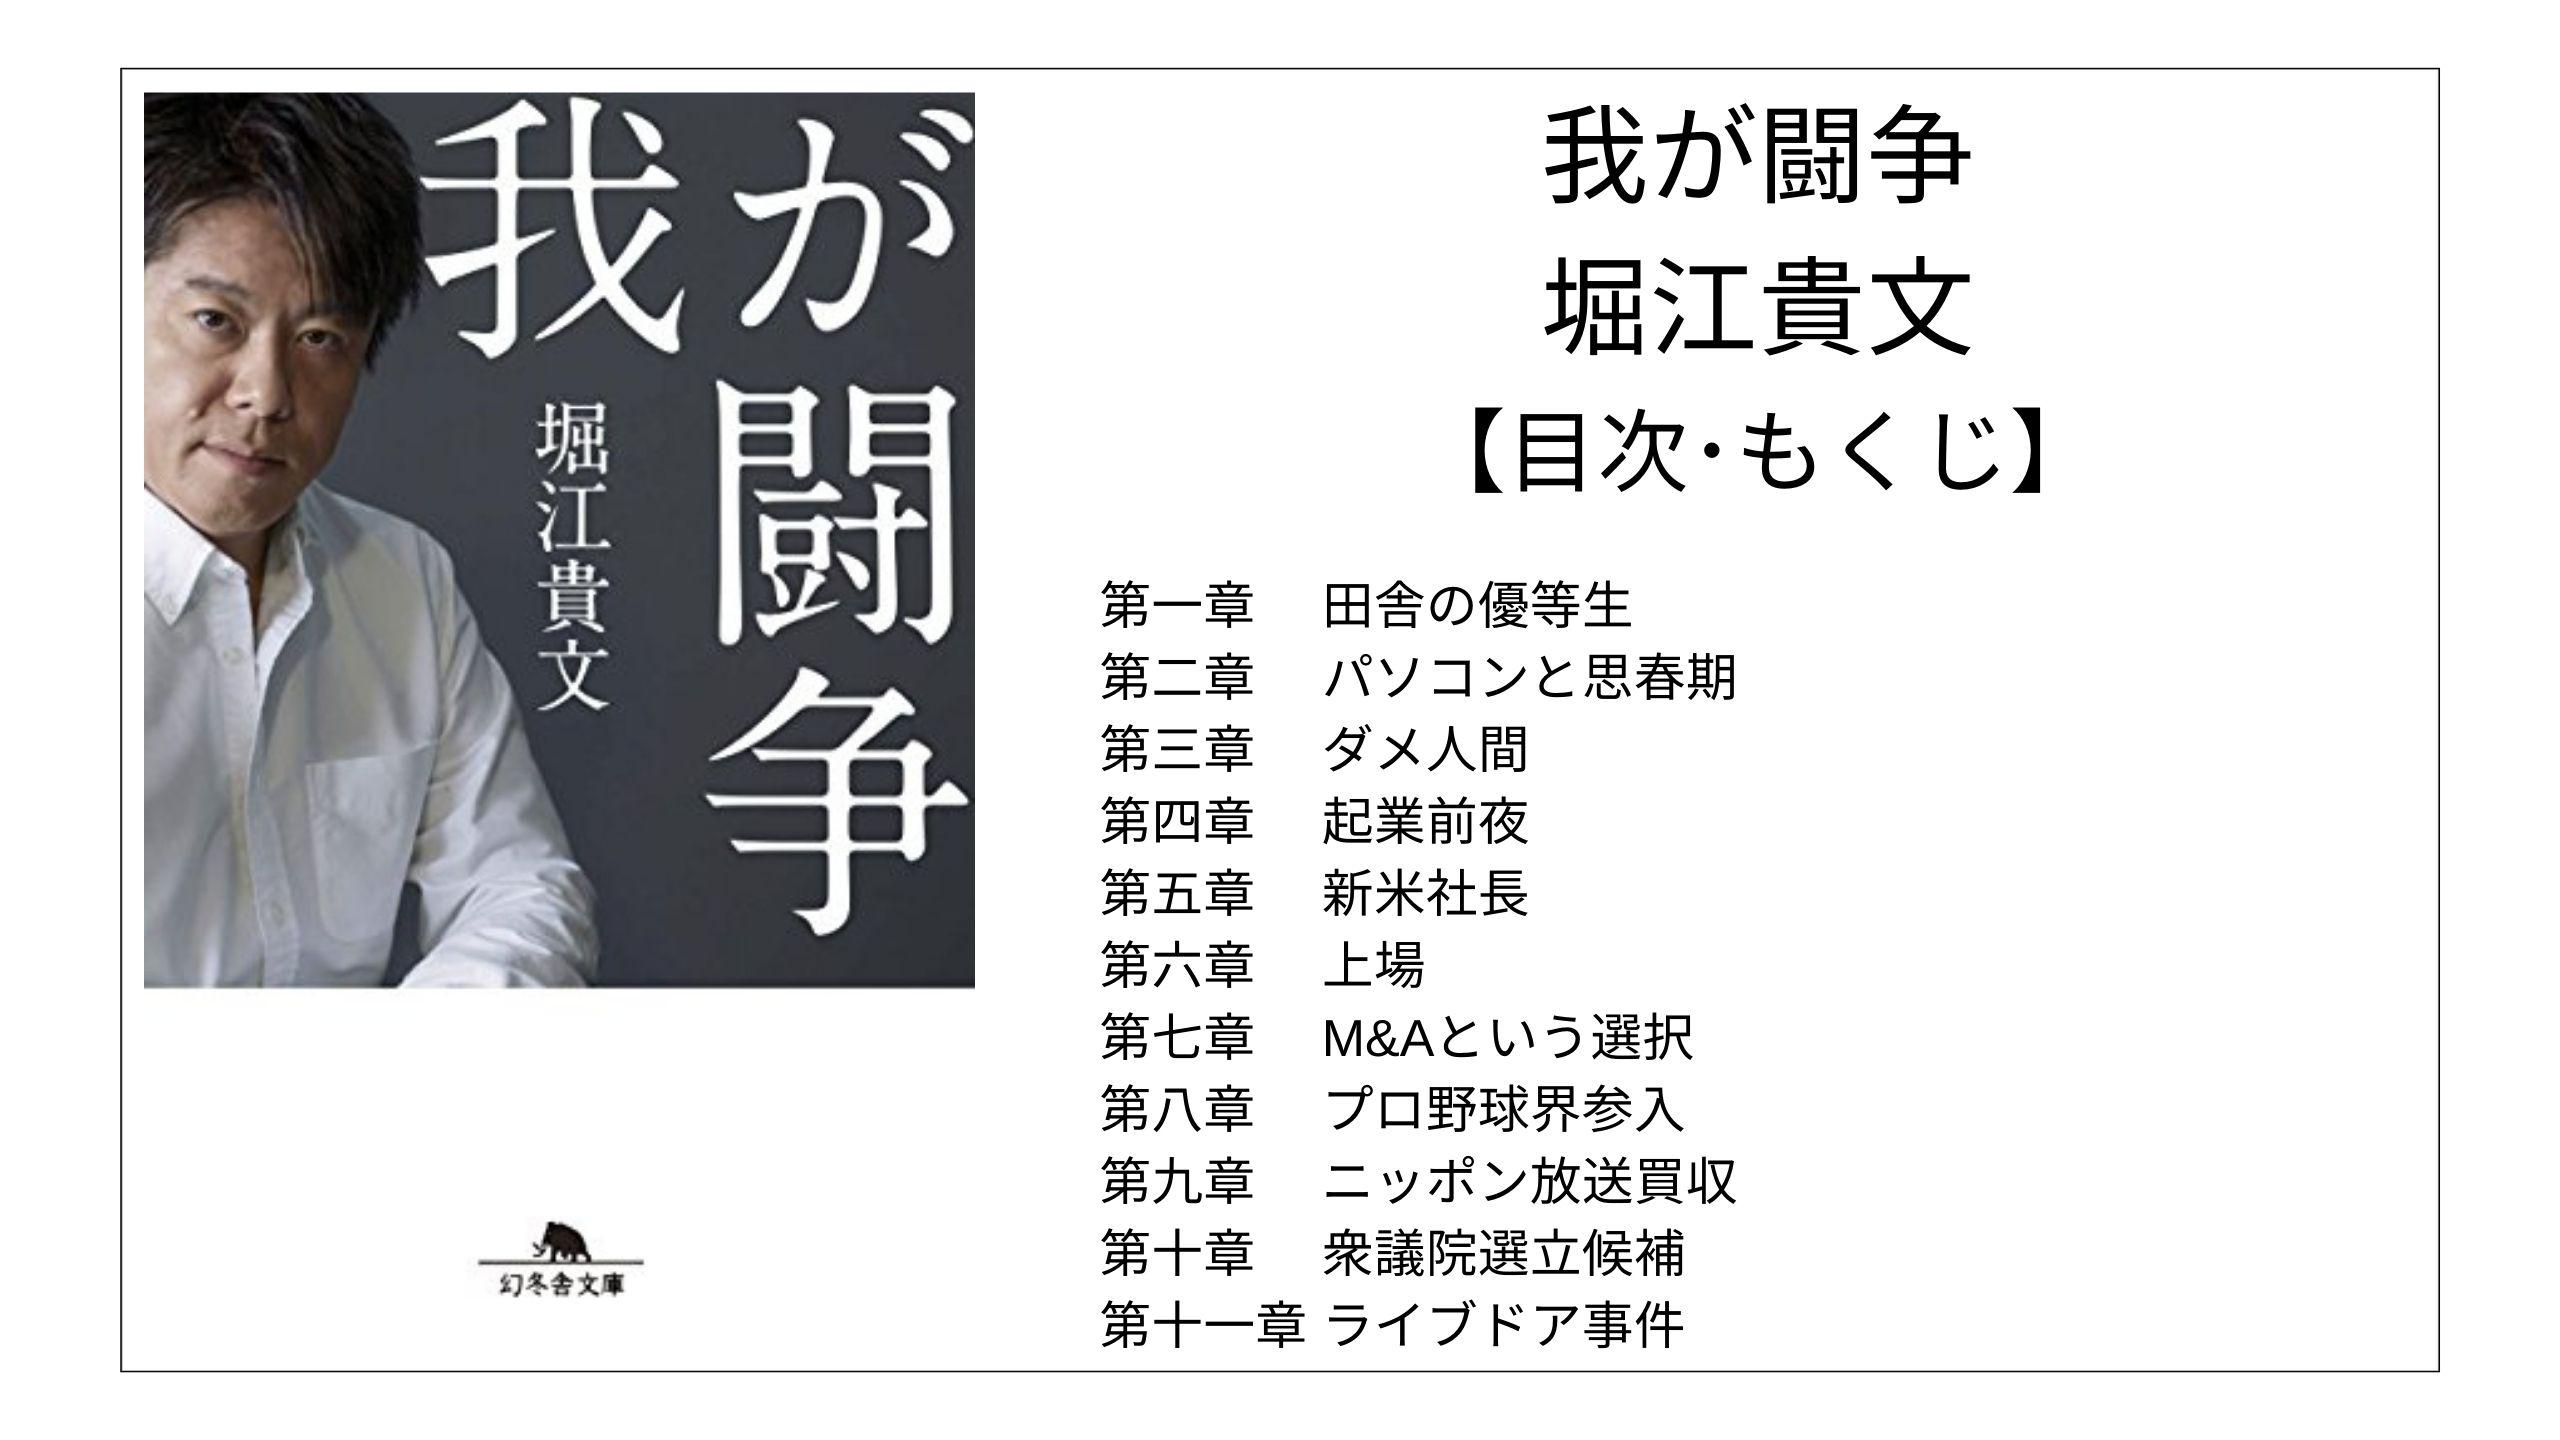 【目次】我が闘争 / 堀江貴文(ホリエモン) #我が闘争 #堀江貴文 #モクホン